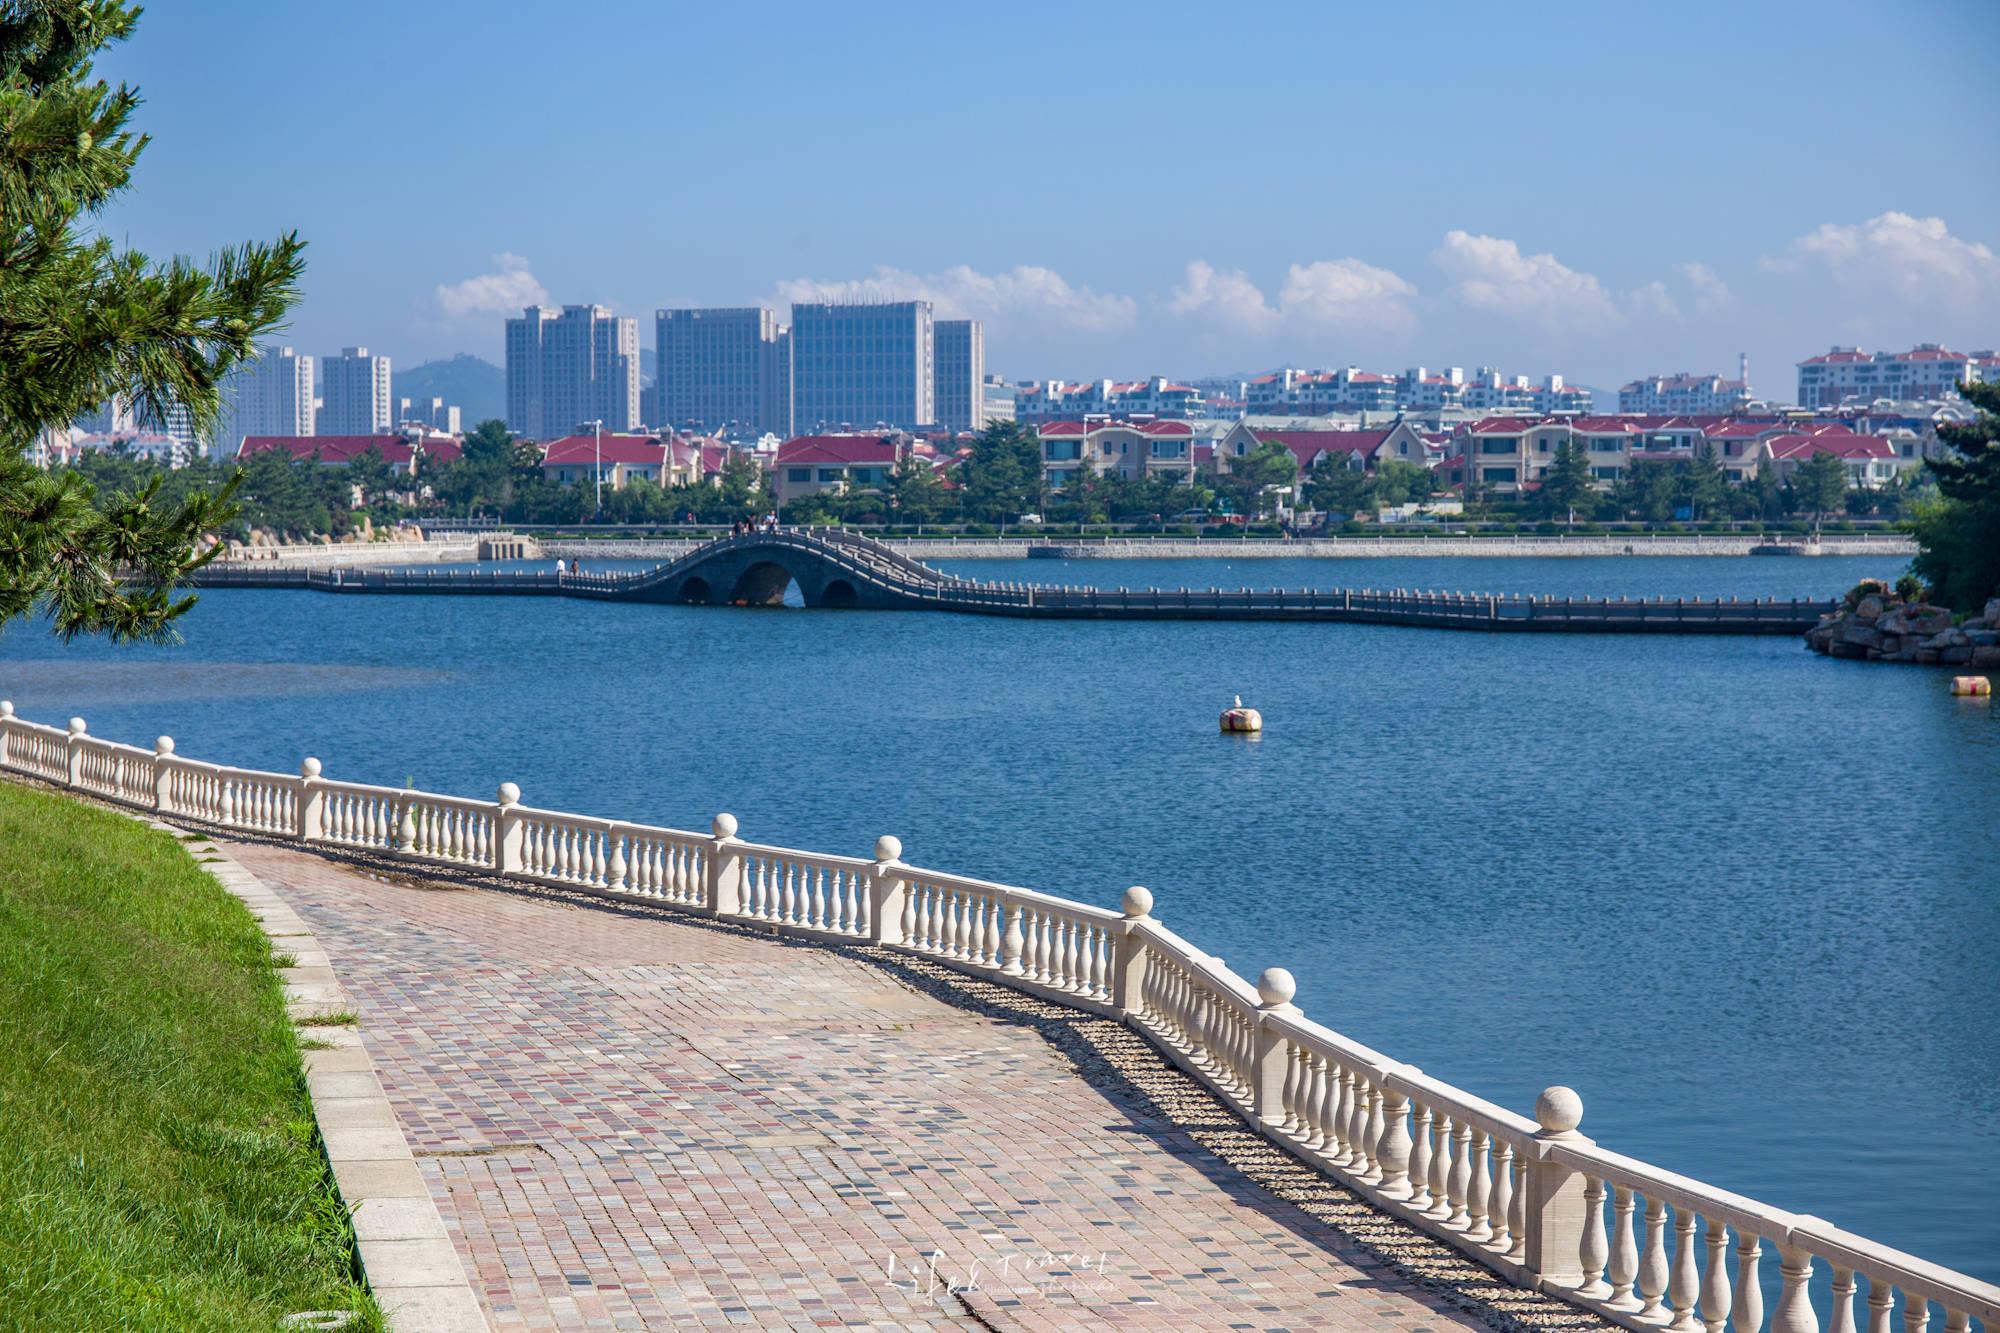 山东海滨城市,6天4城游玩攻略,涵盖经典和小众网红打卡地